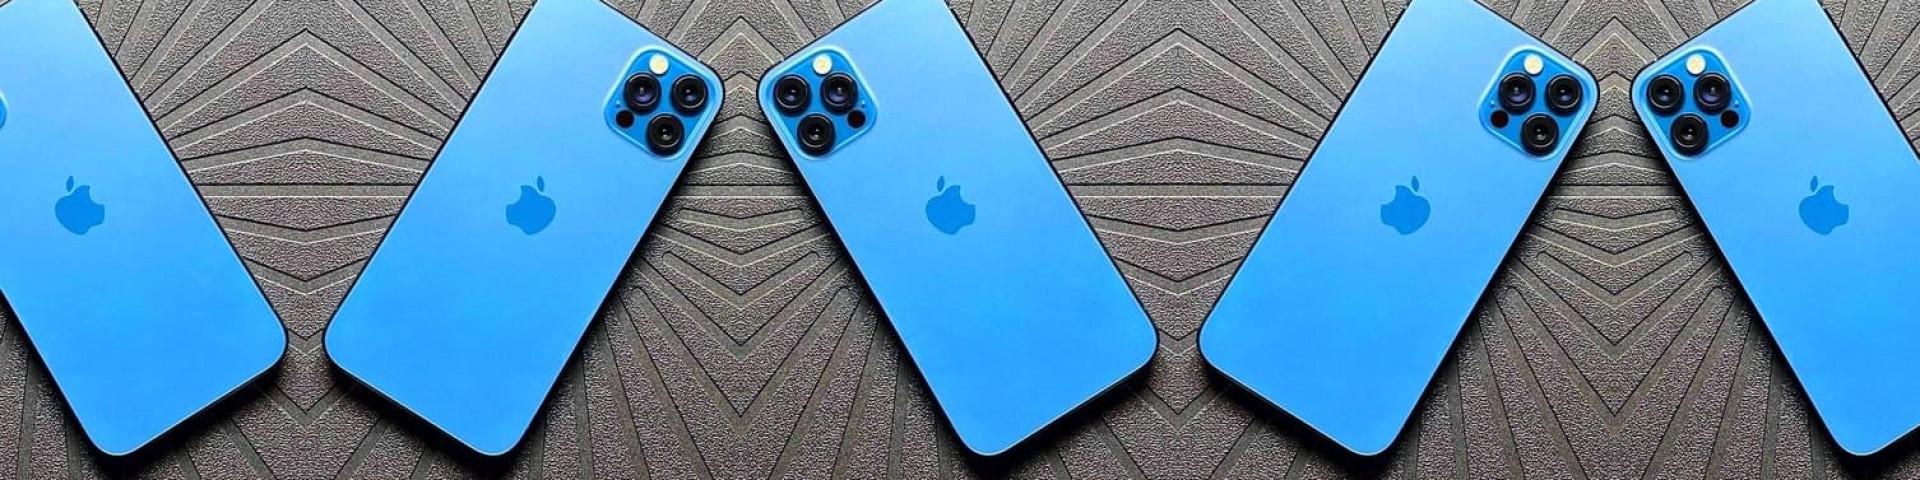 Дешевле не бывает: рейтинг недорогих магазинов 2020— 2021 гг., где лучше купить iPhone 12 и iPhone 12 Pro